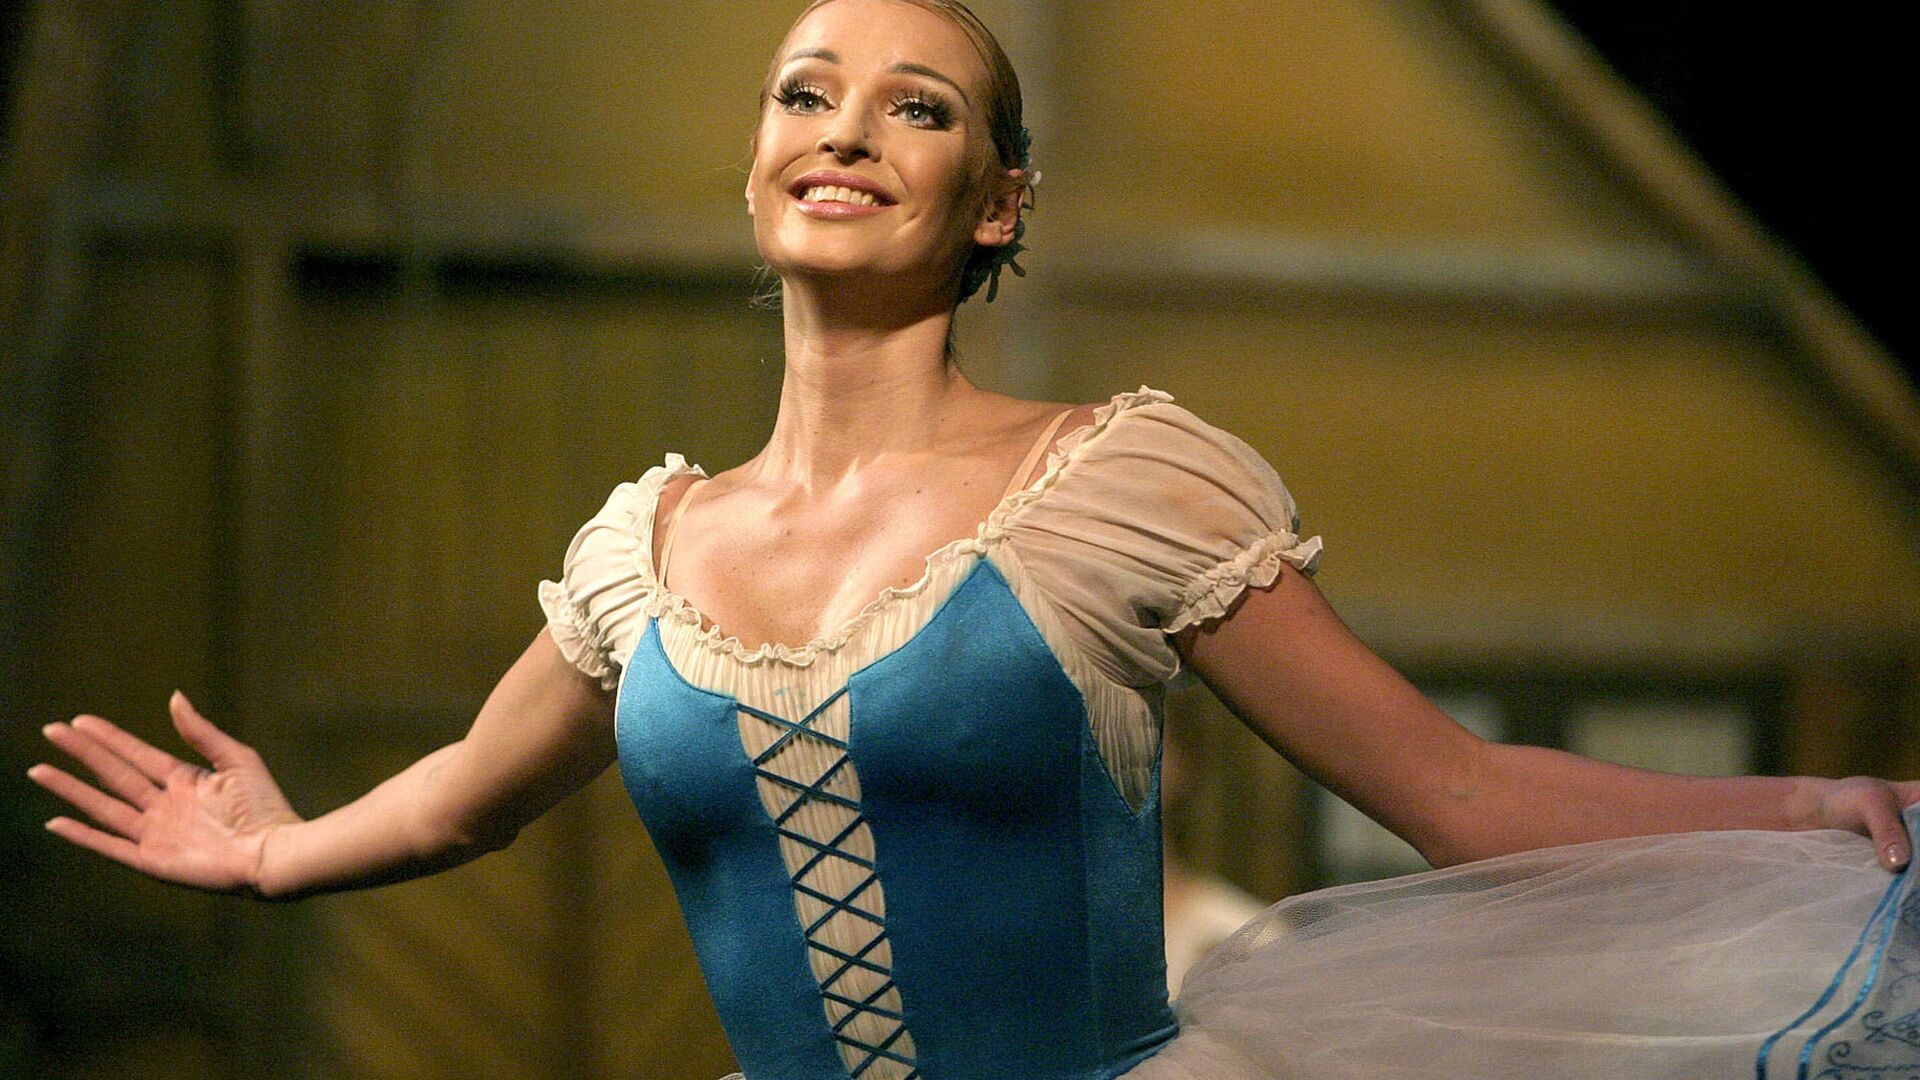 Балерина Анастасия Волочкова выступает в Санкт-Петербурге - РИА Новости, 1920, 15.06.2021